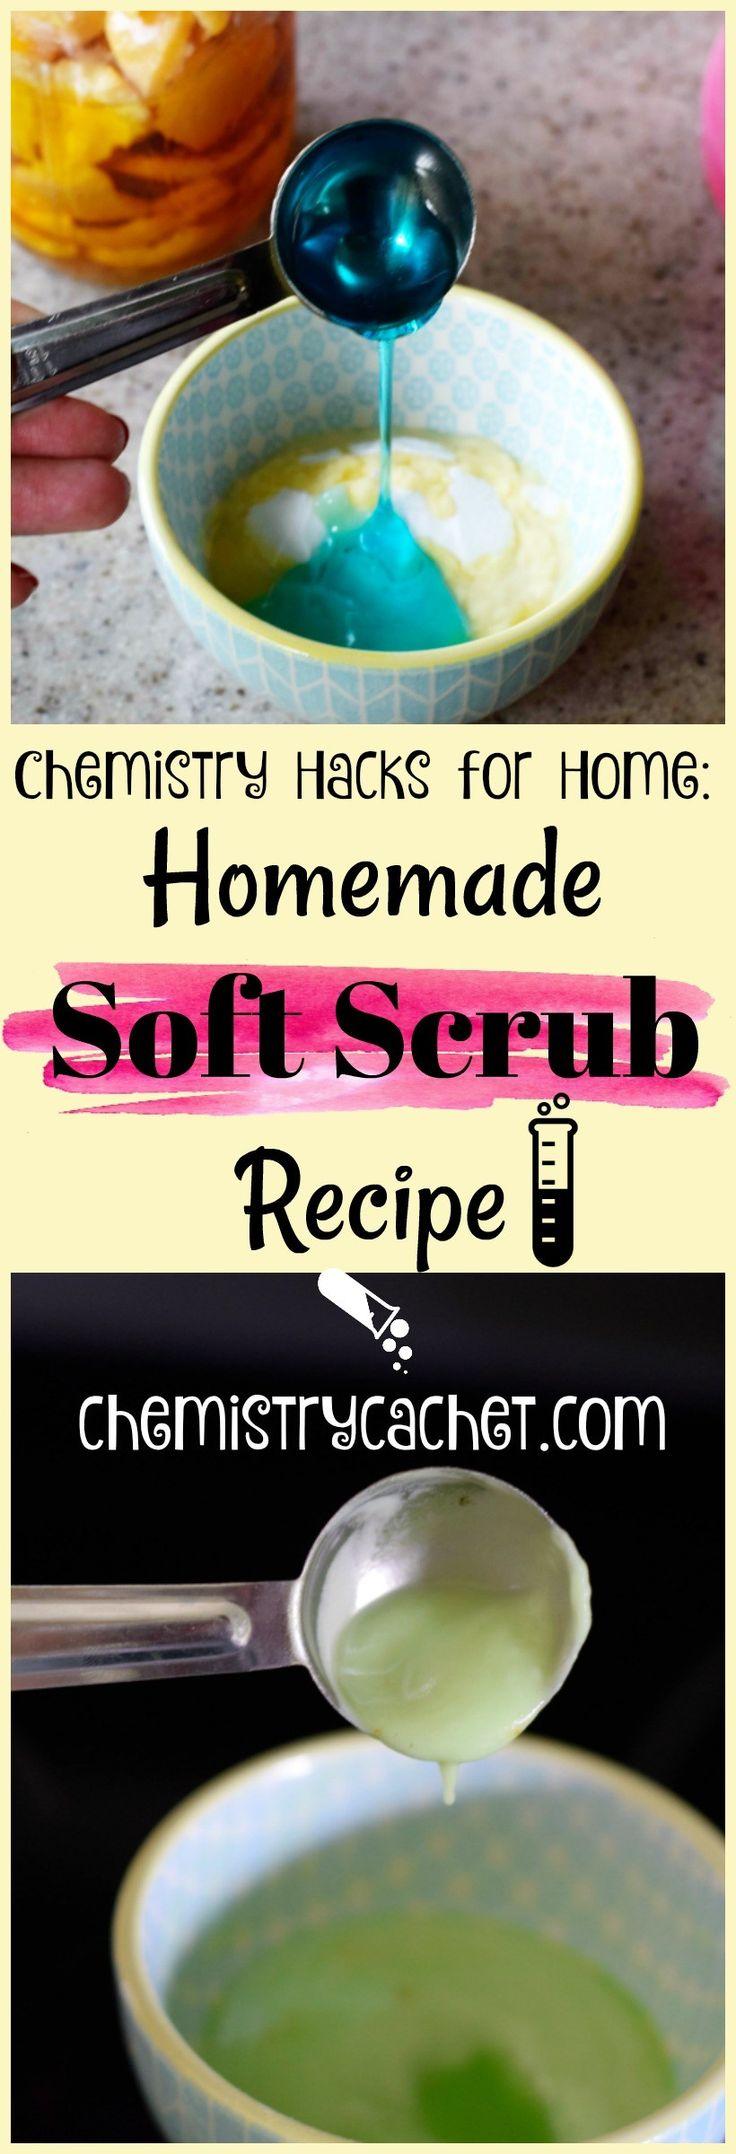 Chemistry Hacks for the Home Homemade Soft Scrub Recipe.  Muy efectivo para la limpieza y mejor que el comprado en la tienda en chemistrycachet.com